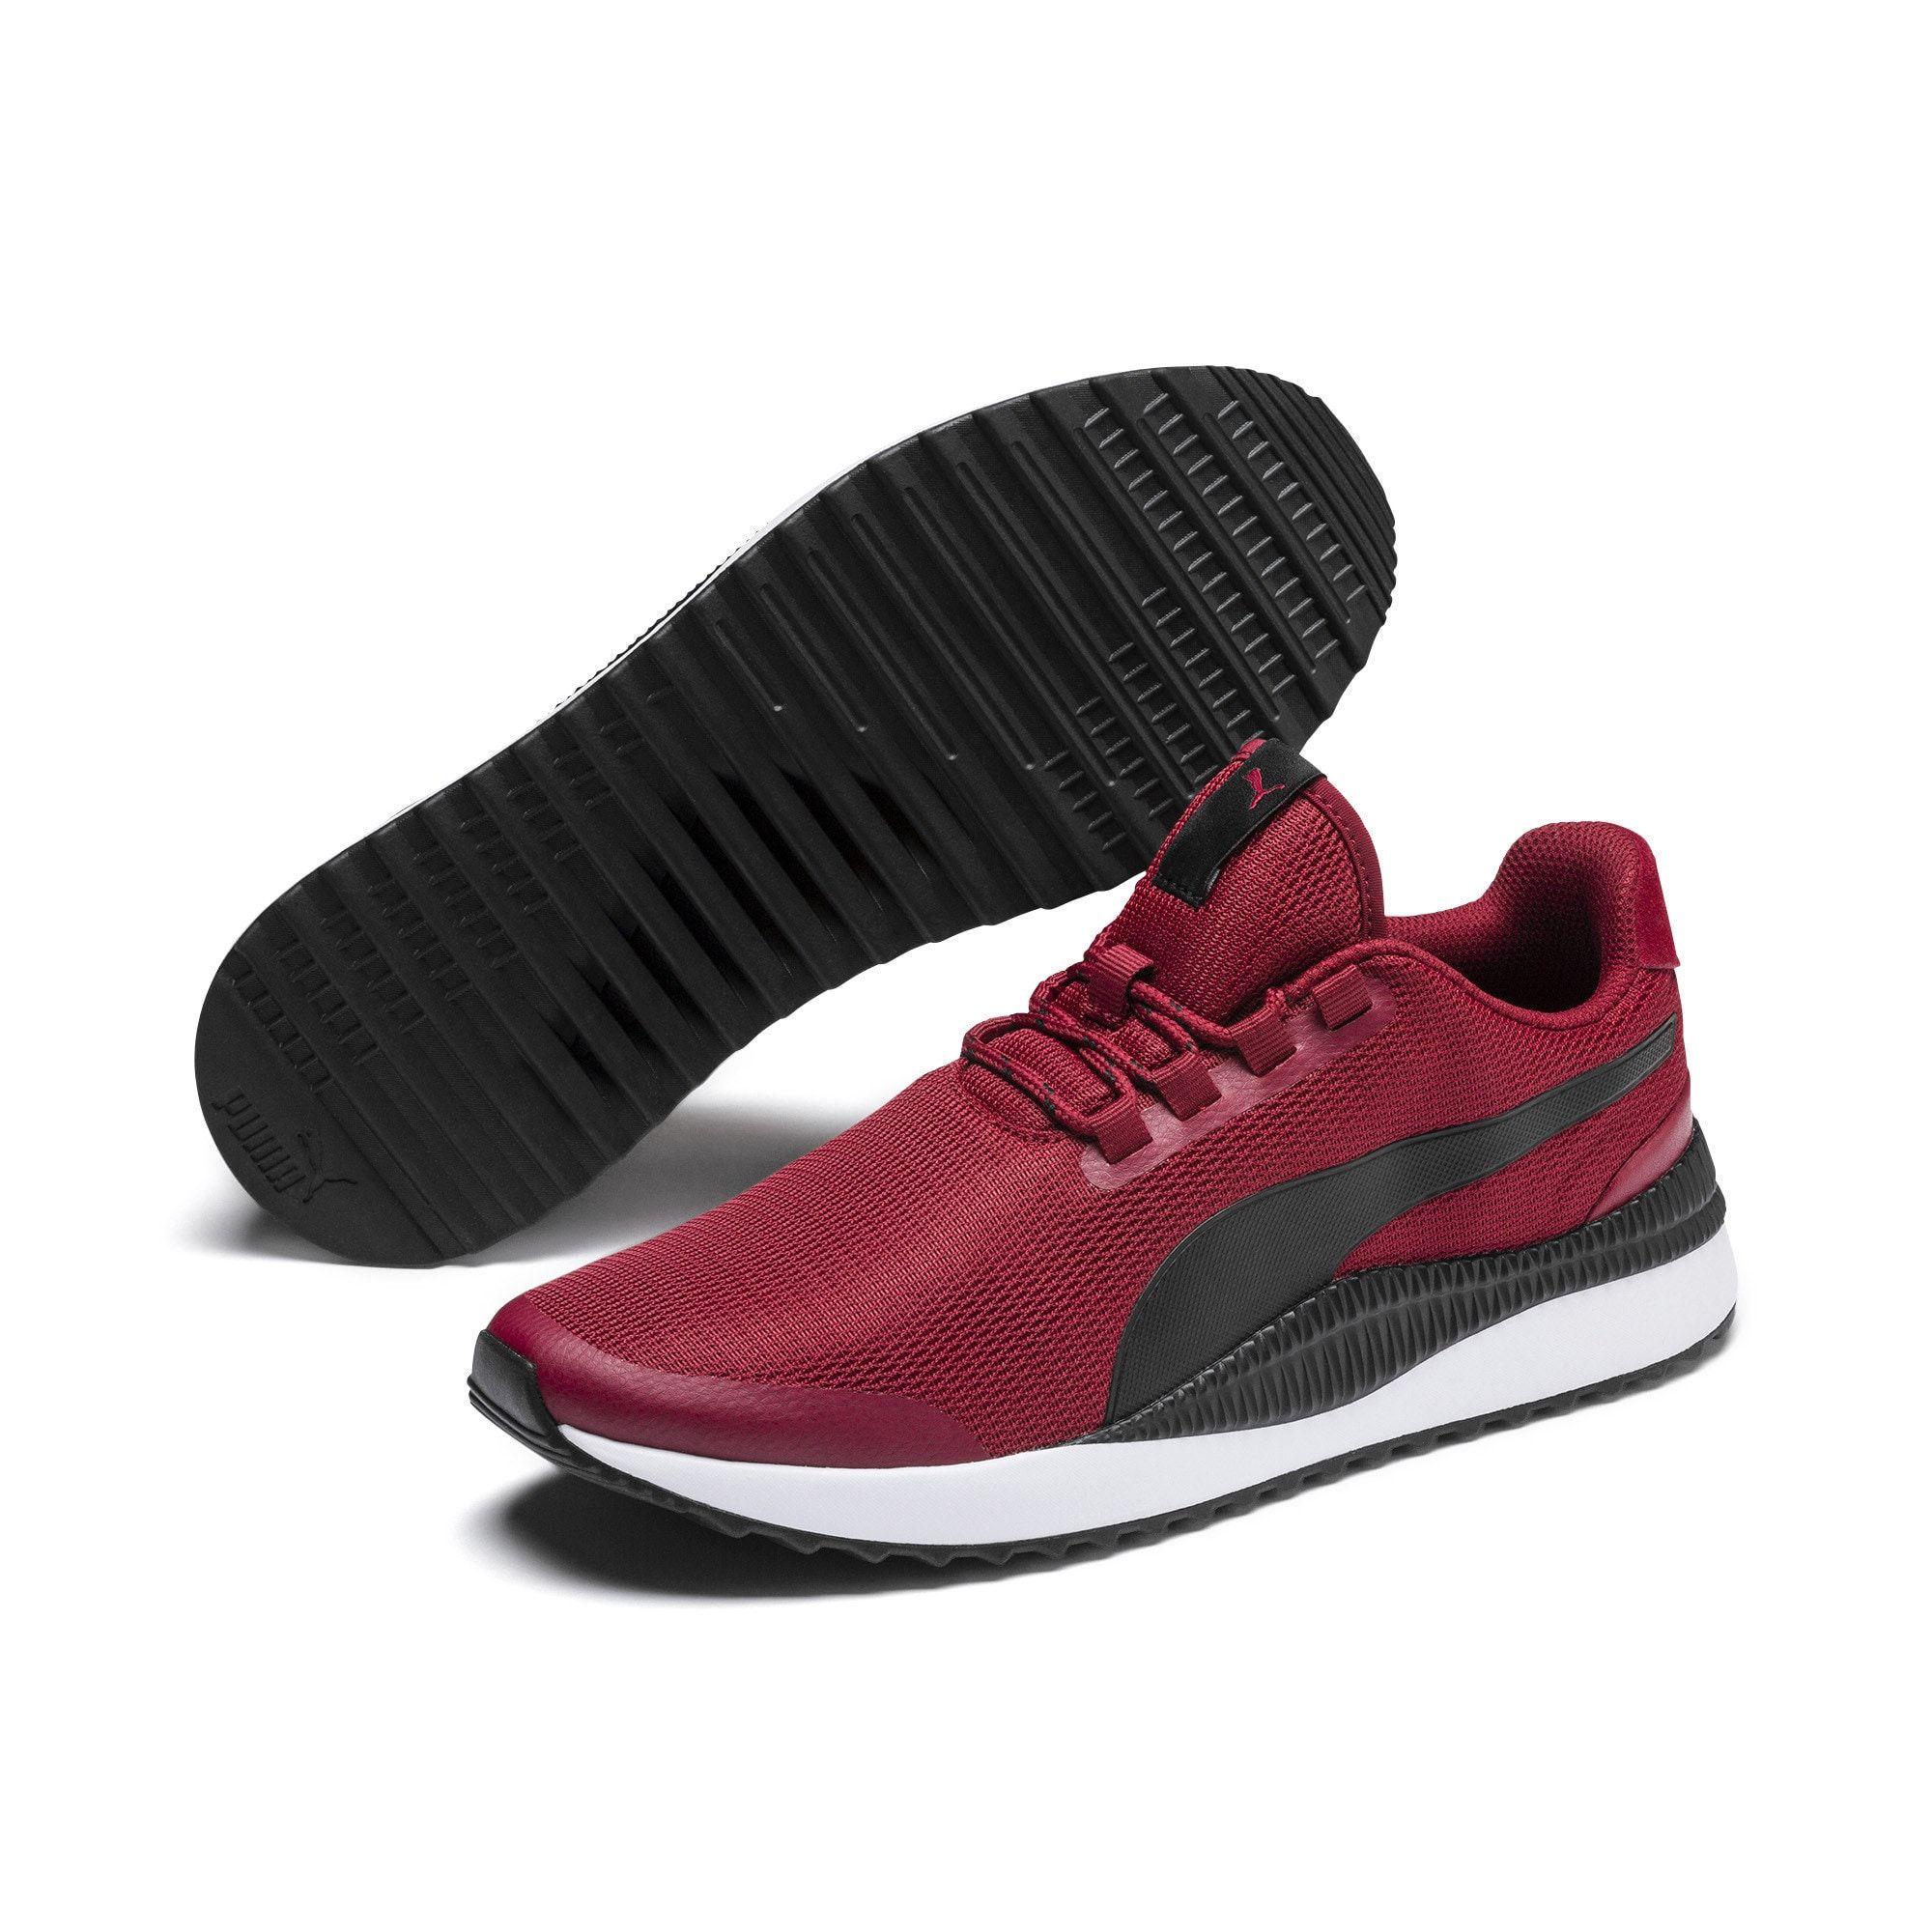 Puma Sneaker Pacer Next Fs Damen Dunkelrot Schwarz Grosse 44 5 Turnschuhe Kinder Sneaker Puma Sneaker